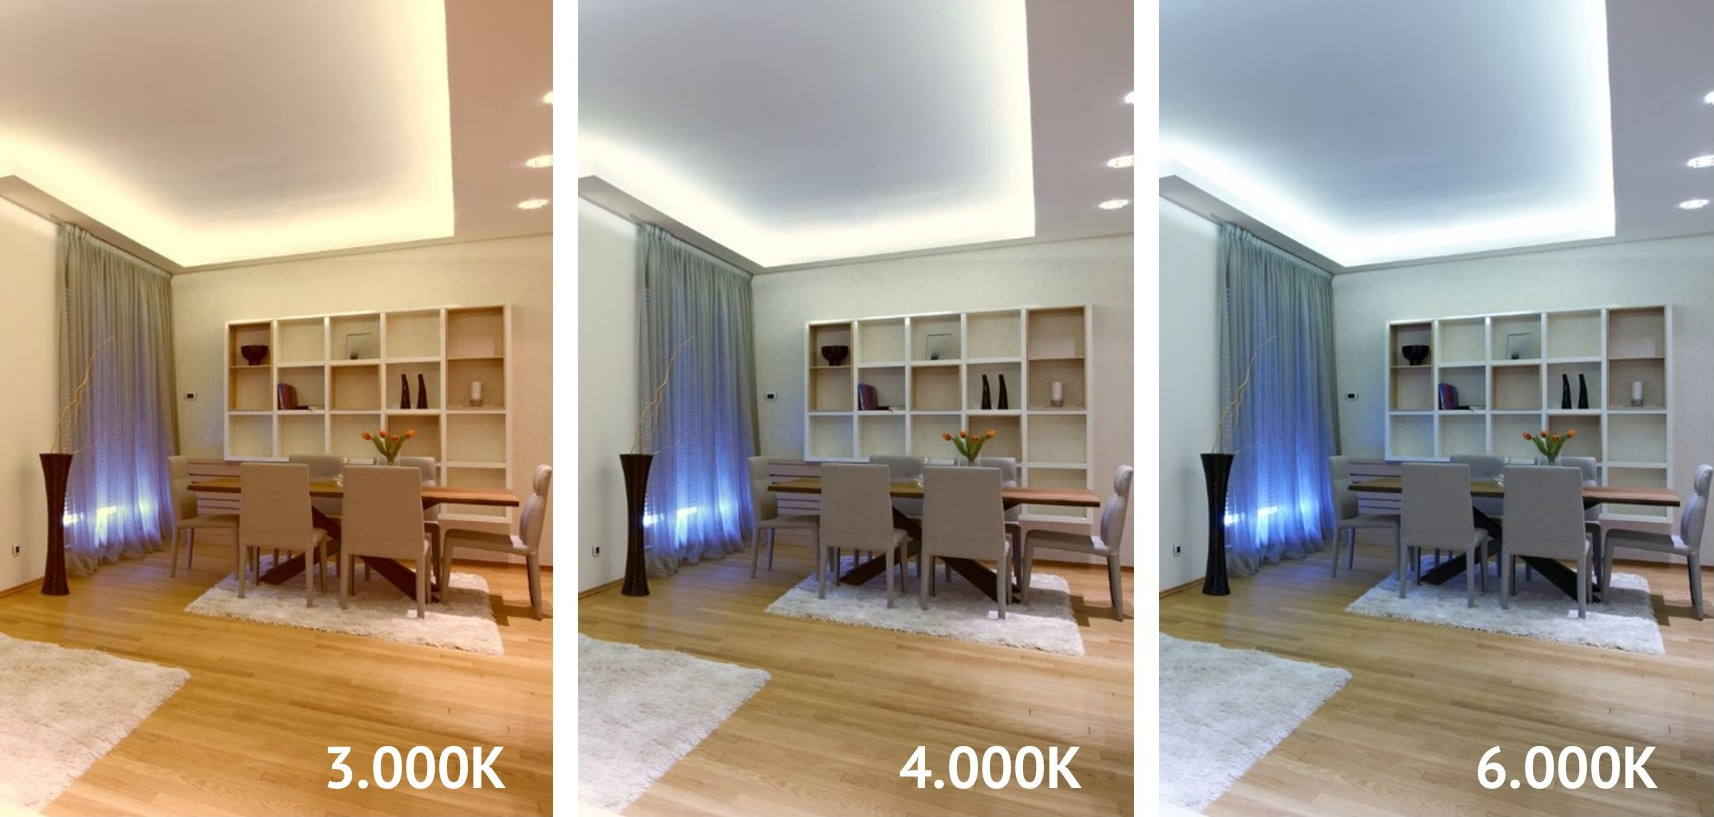 Full Size of Indirekte Beleuchtung Wohnzimmer Indirekte Beleuchtung Wohnzimmer Boden Indirekte Beleuchtung Wohnzimmer Fenster Indirekte Beleuchtung Wohnzimmer Decke Wohnzimmer Indirekte Beleuchtung Wohnzimmer